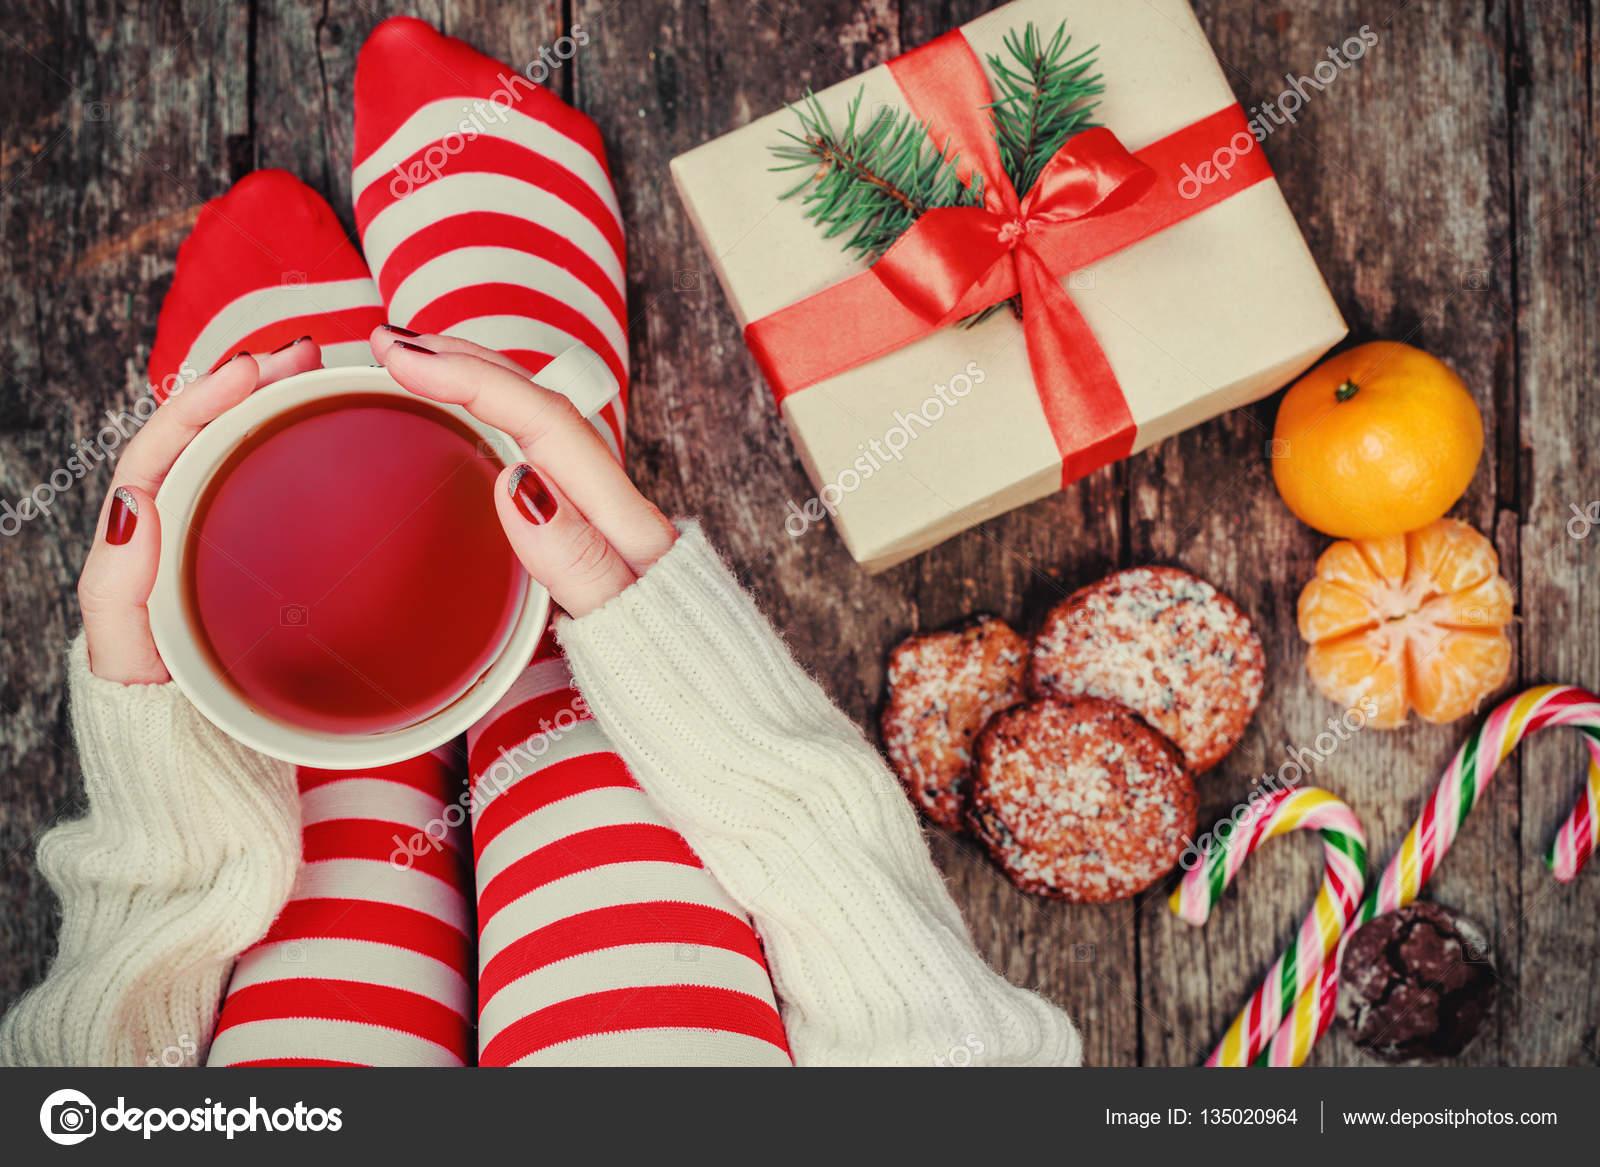 Gezellige Kerst Thuis De Voeten Van De Vrouwen In Kerstmis Kousen